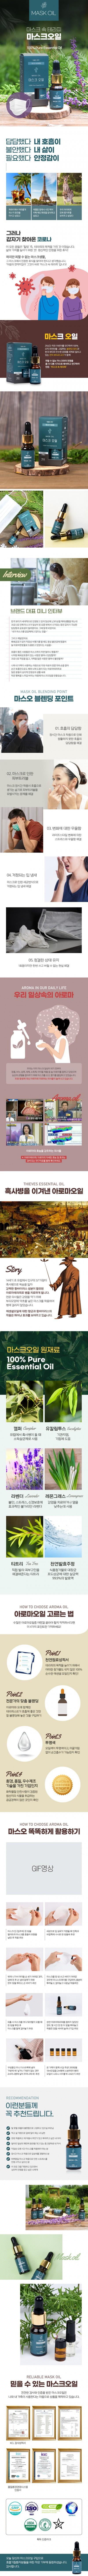 [D91]마스크 오일 상세페이지 제작 + 제품촬영